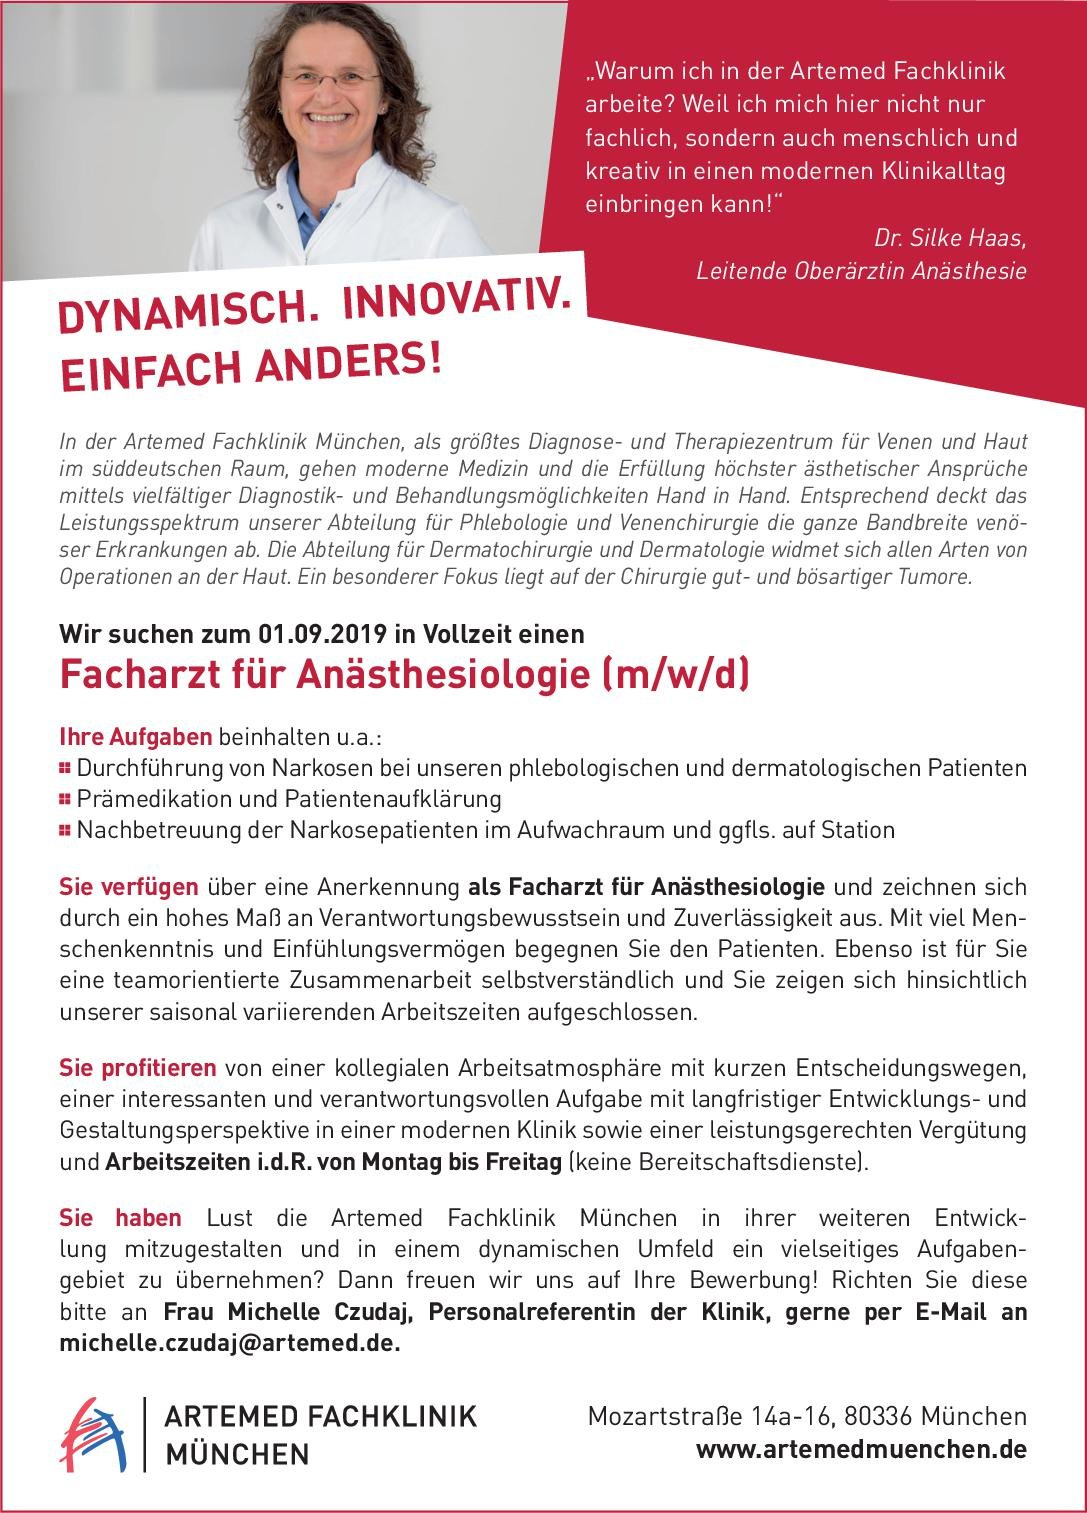 Artemed Fachklinik München Facharzt für Anästhesiologie (m/w/d) Anästhesiologie / Intensivmedizin Arzt / Facharzt